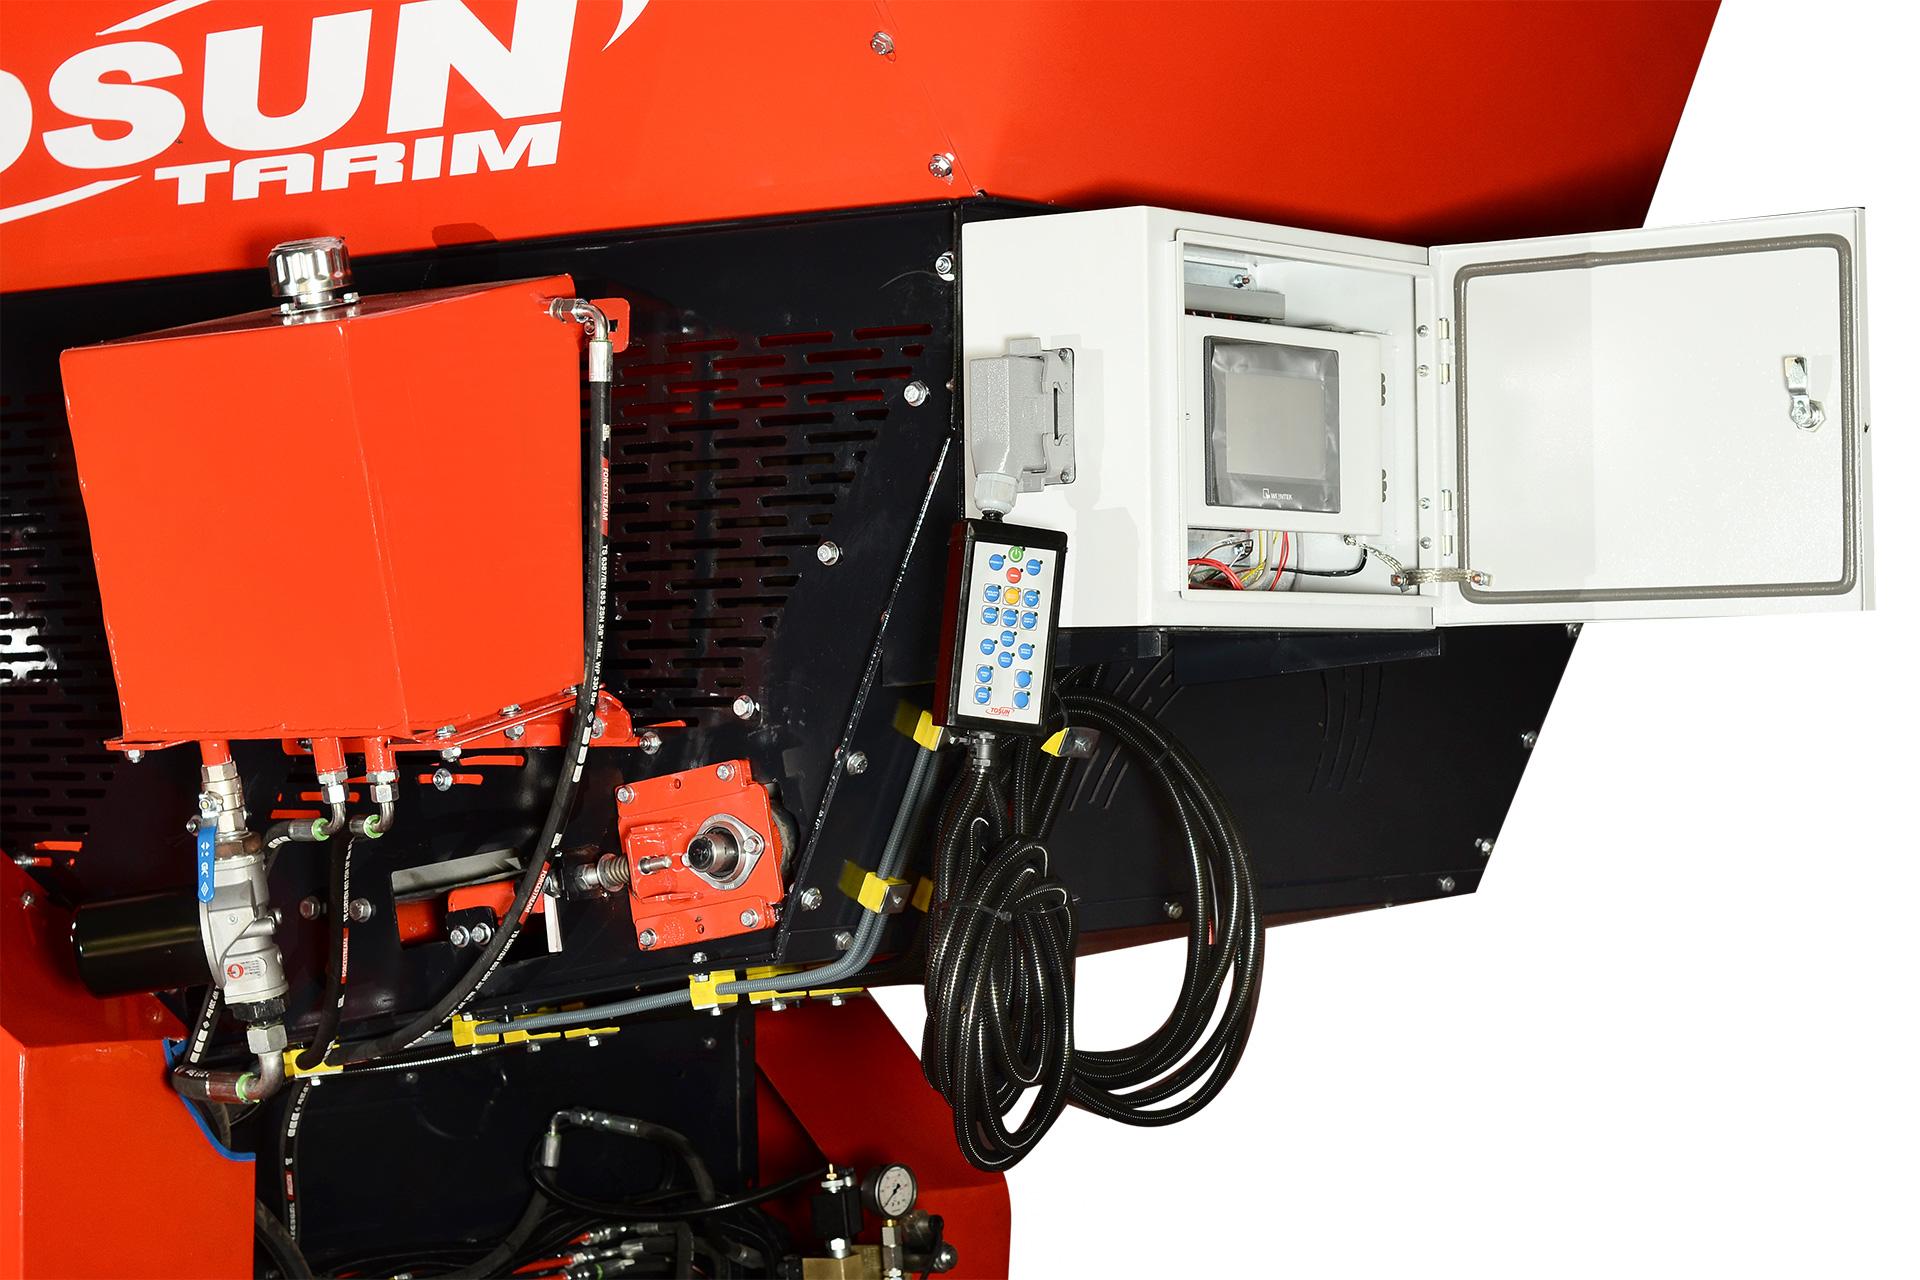 Mobil Silaj Paketleme Makinesi - Tosun Tarım Makinaları İzmir